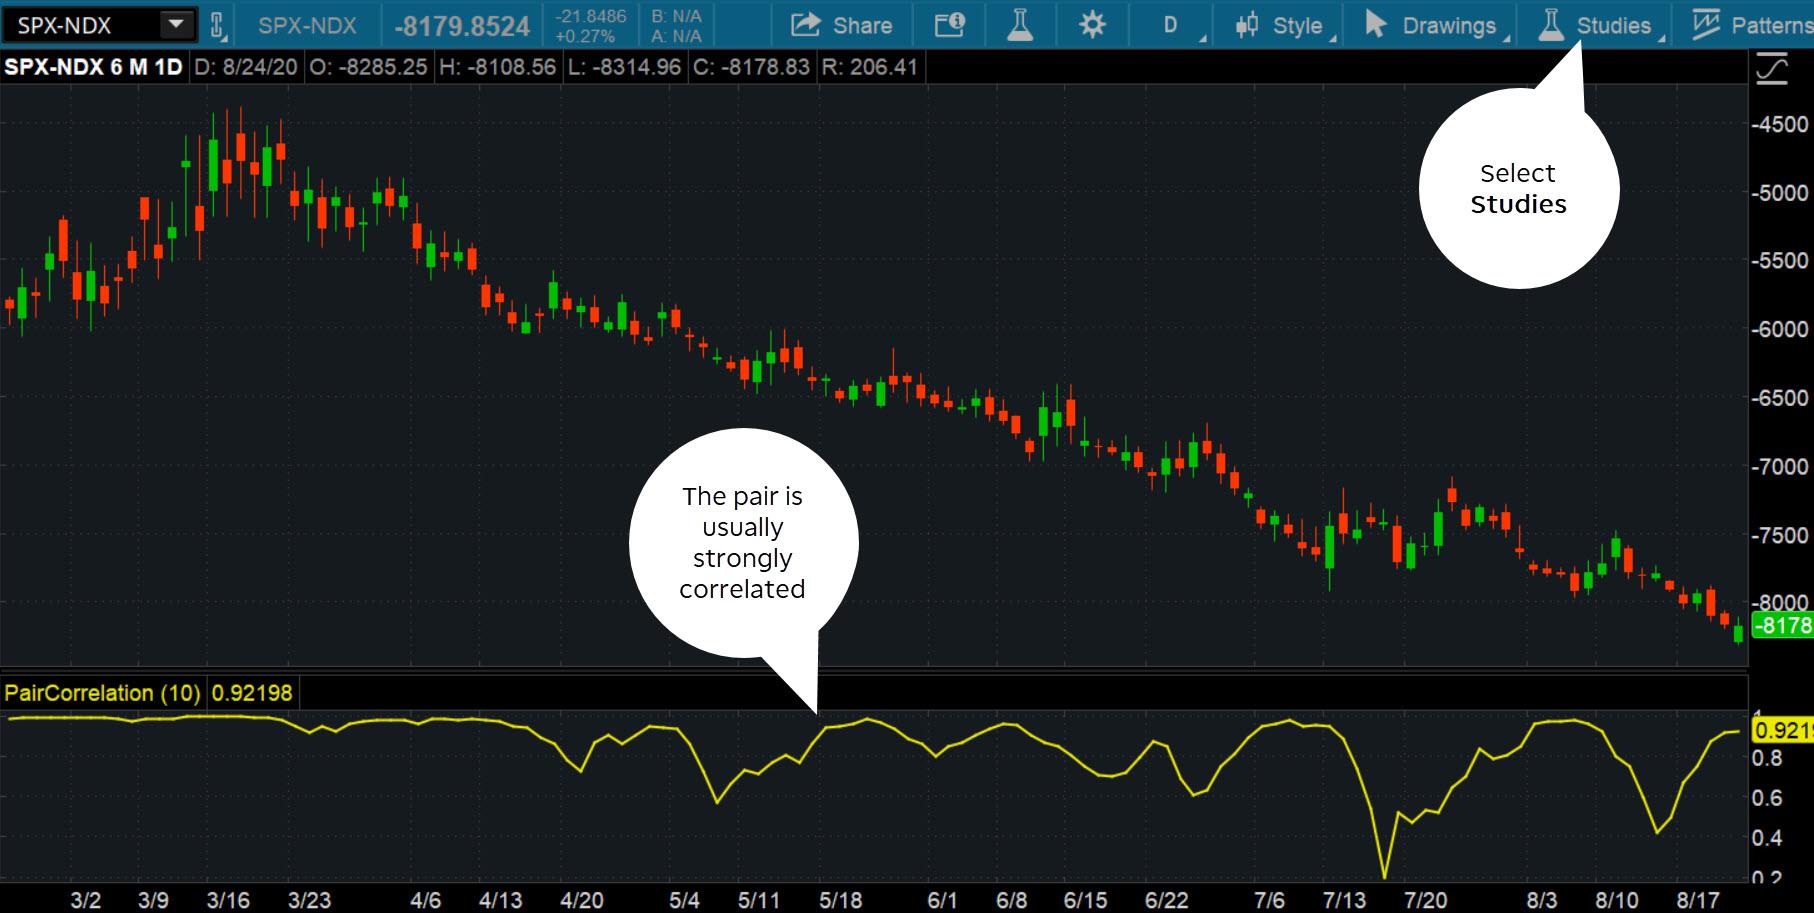 股票价格图表,配对交易相关性